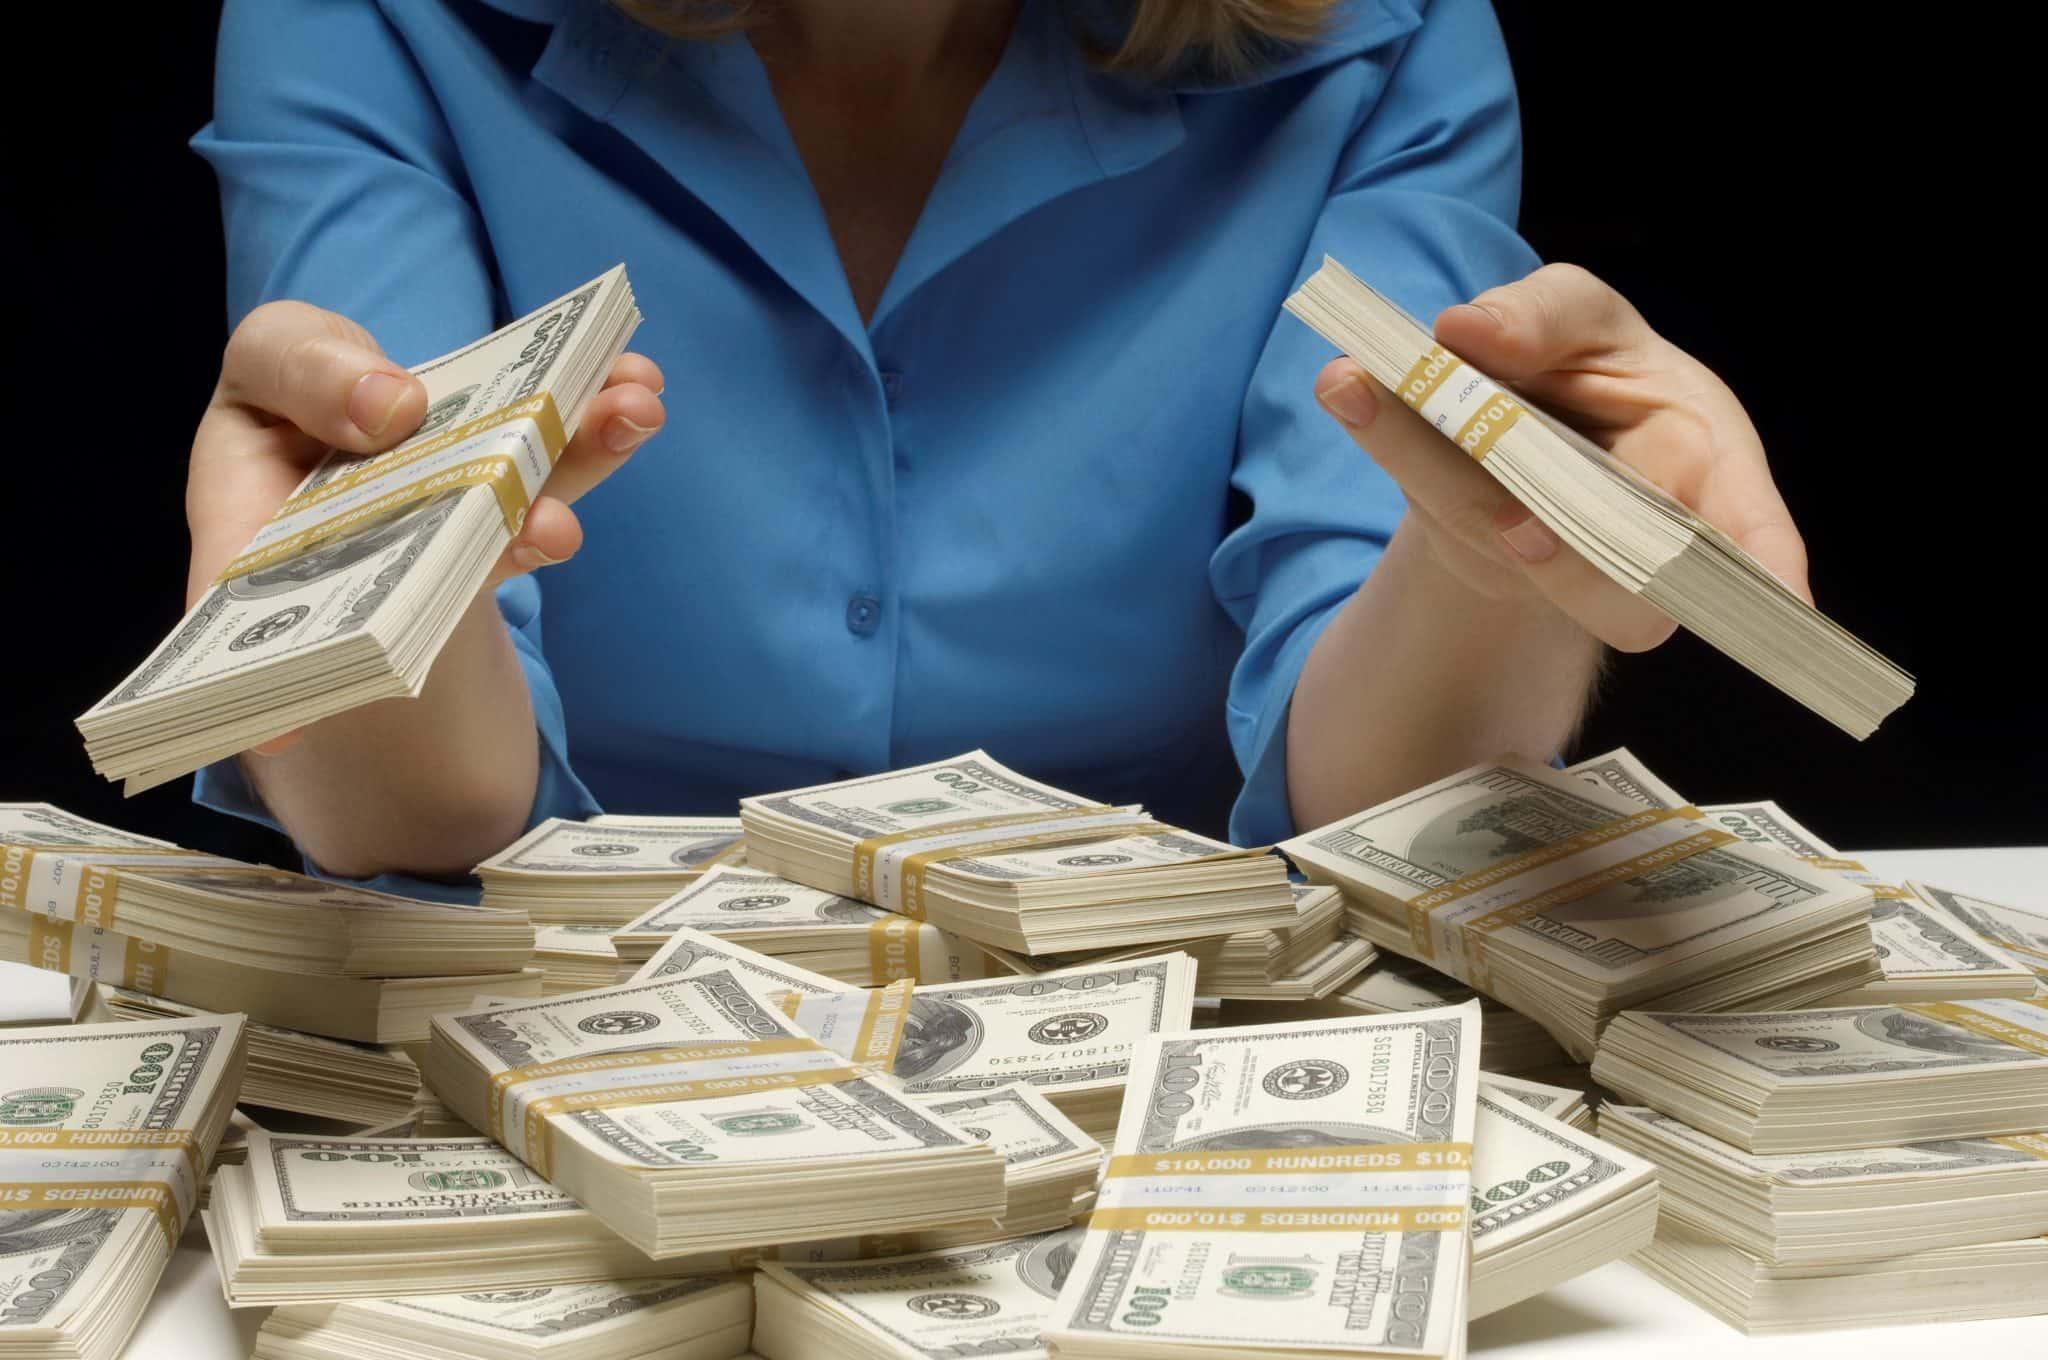 Что такое предоставление транша в альфа банке по кредитной карте | условия транша в альфа банке